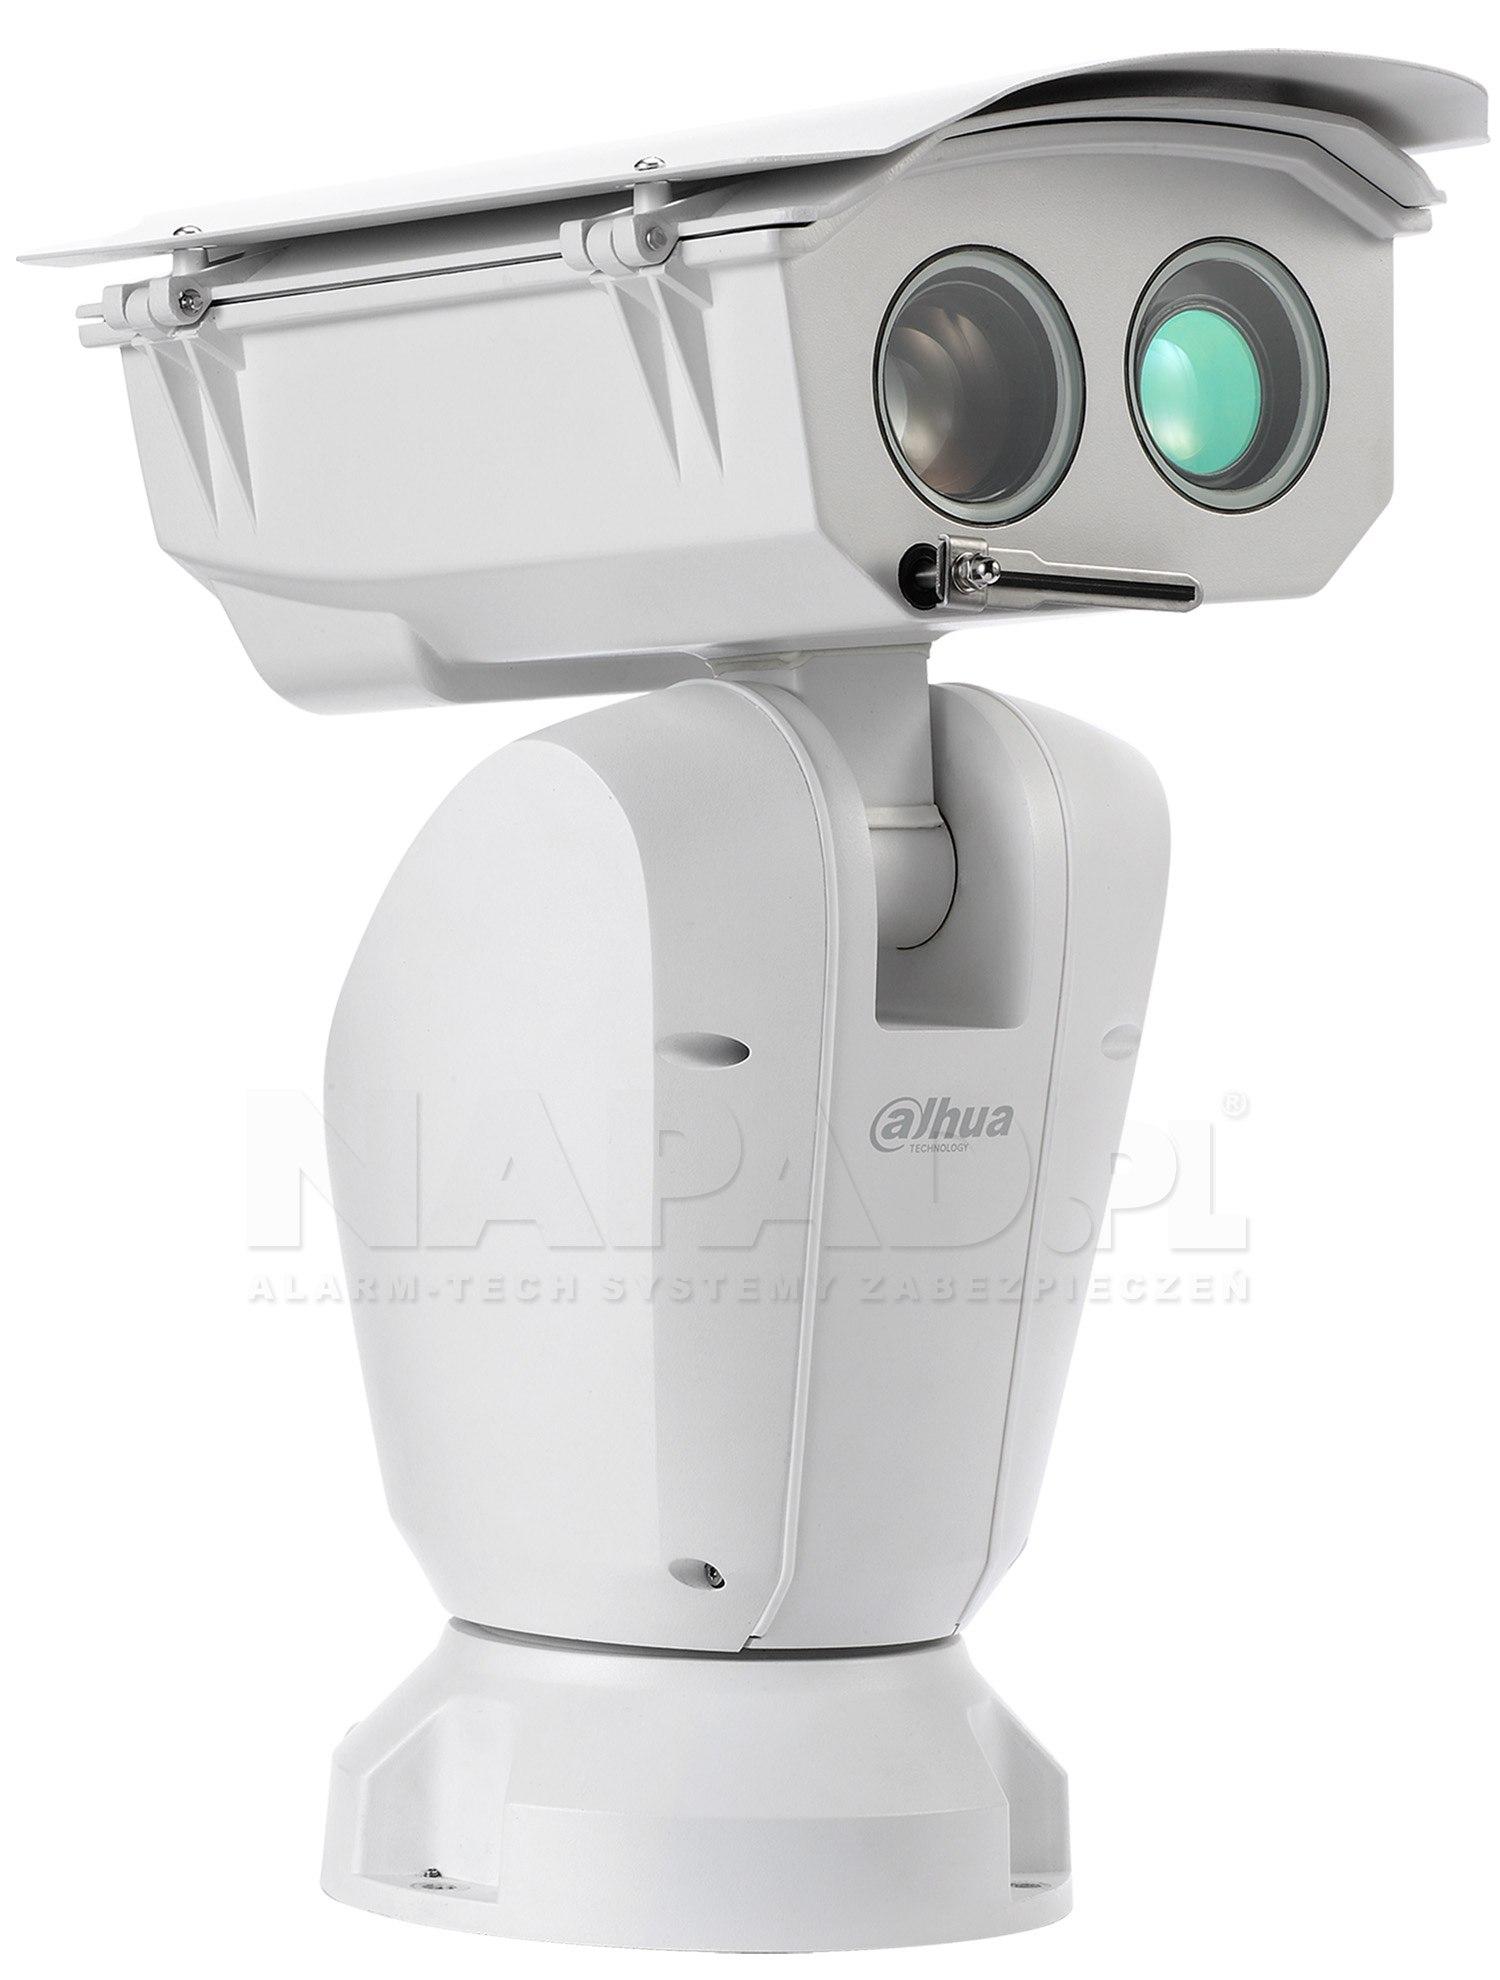 Kamera IP 2Mpx DH-PTZ12240-LR8-N